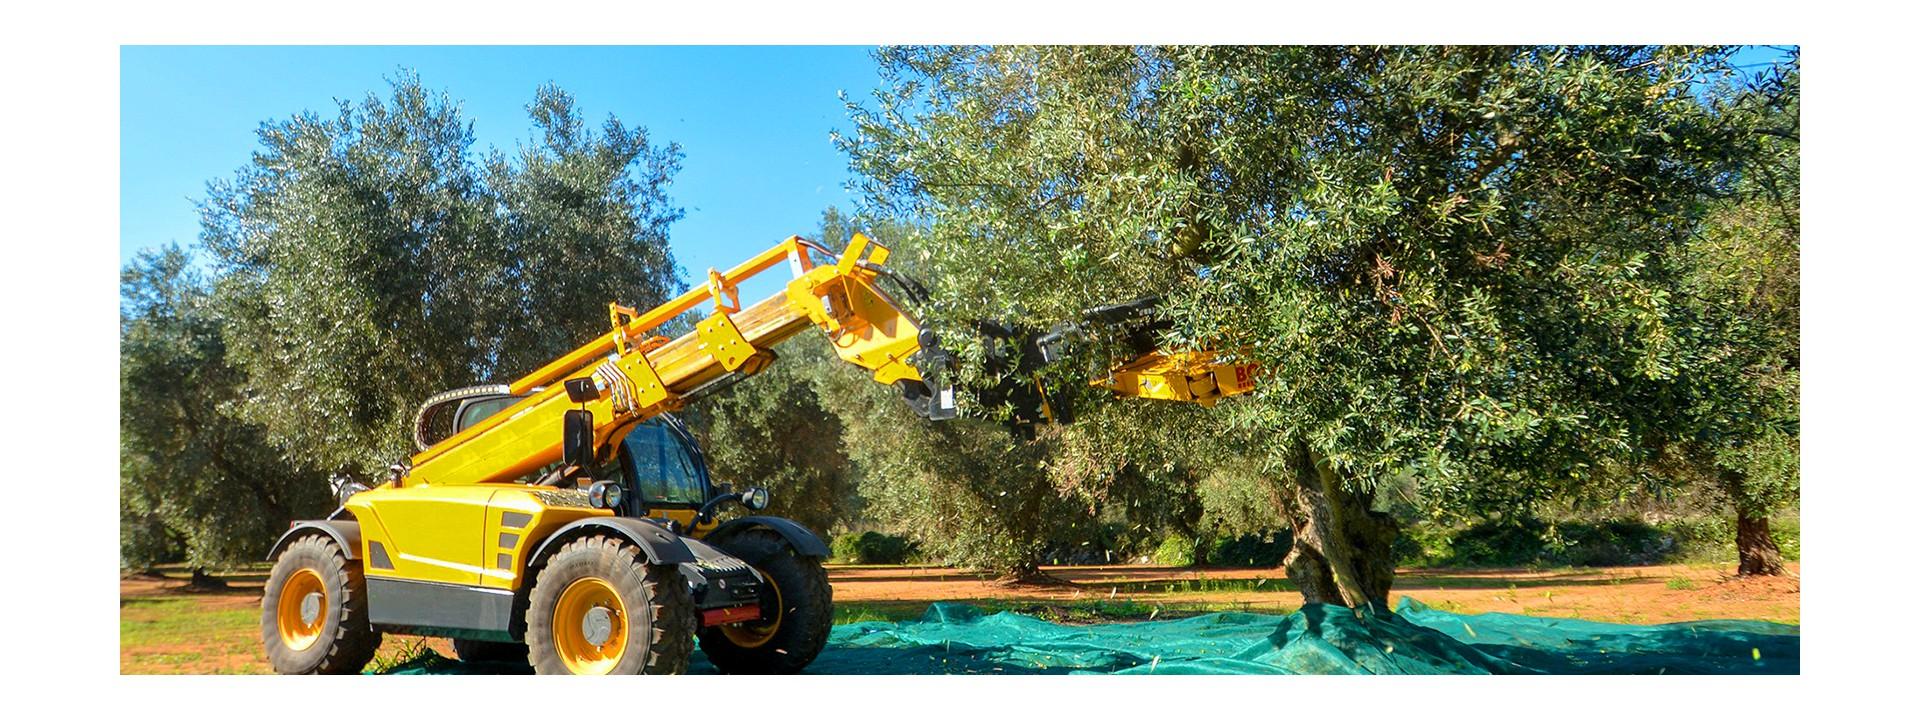 Ricambi per trattori, alberi cardani, aratri, raccolta e lavorazione degli alimenti